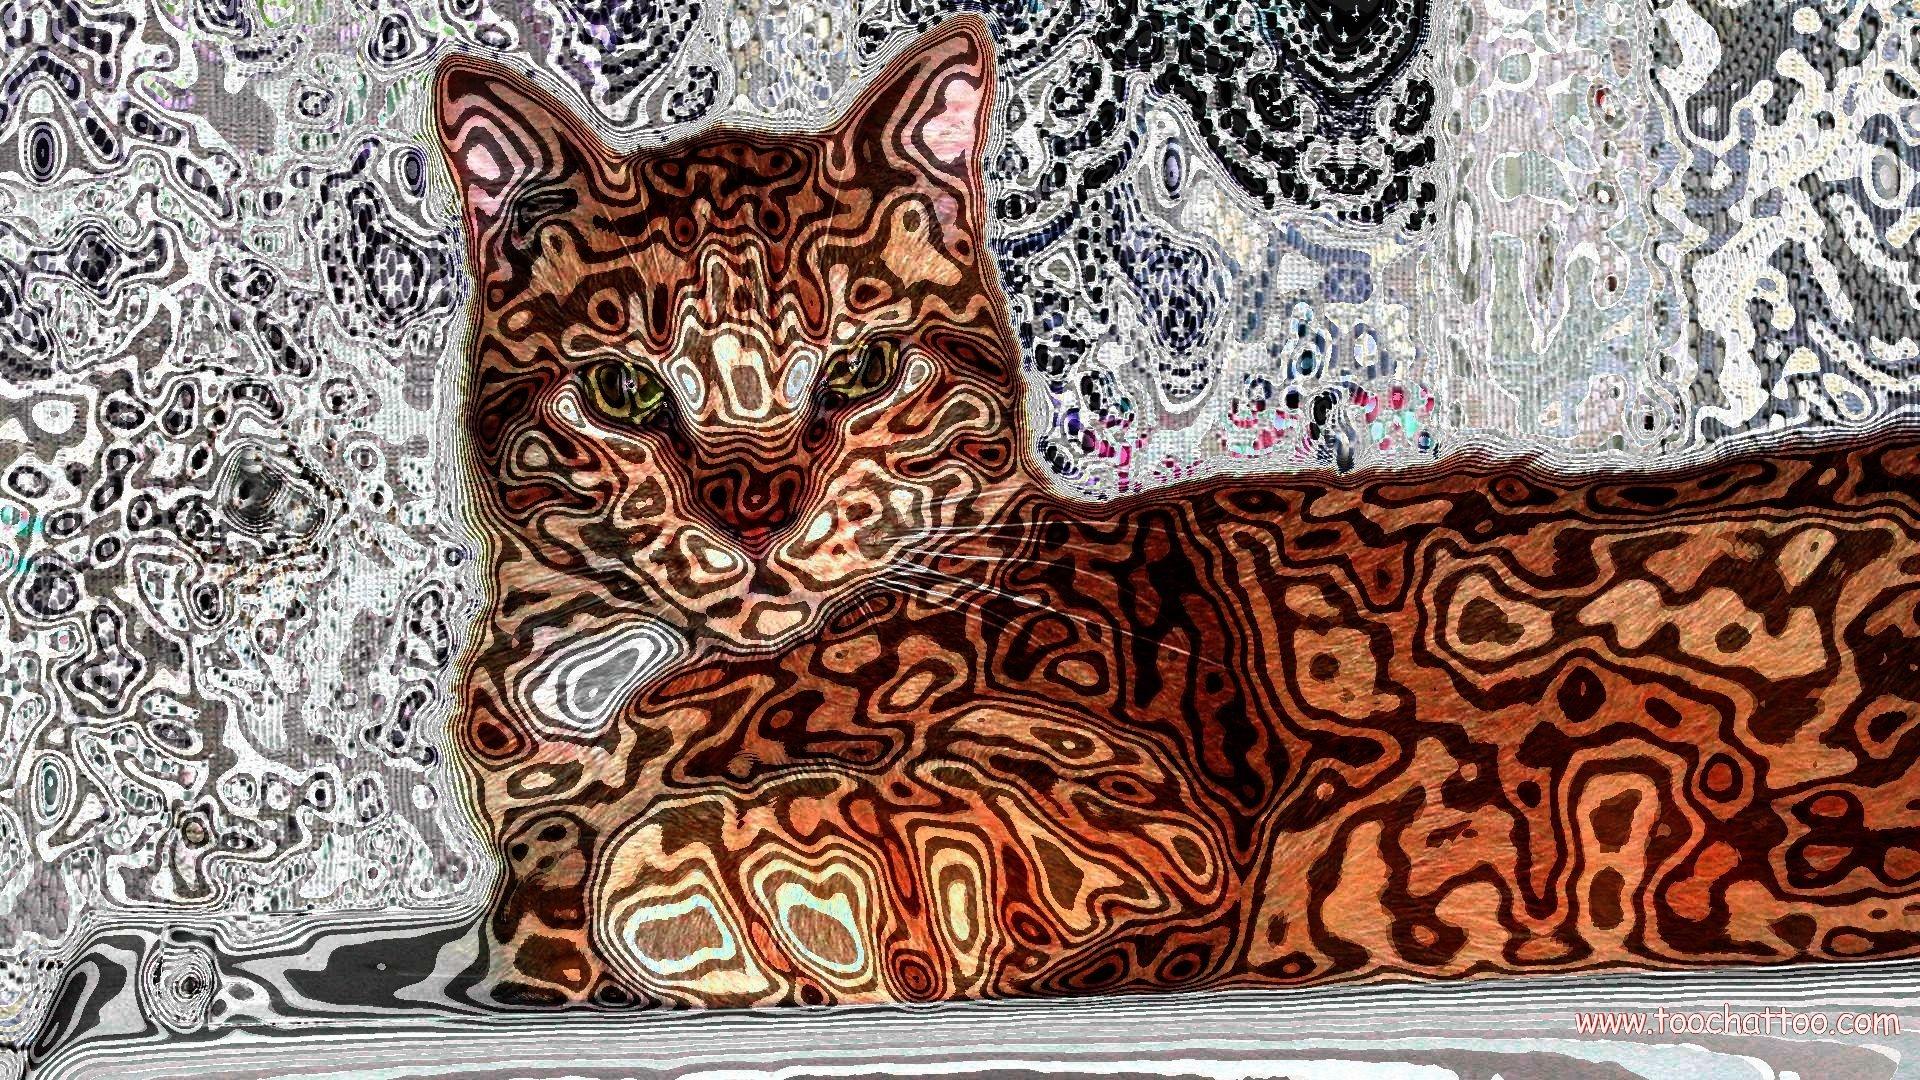 Fond ecran image et photo de chat et de f lin 1920x1080 - Telecharger image de chat gratuit ...